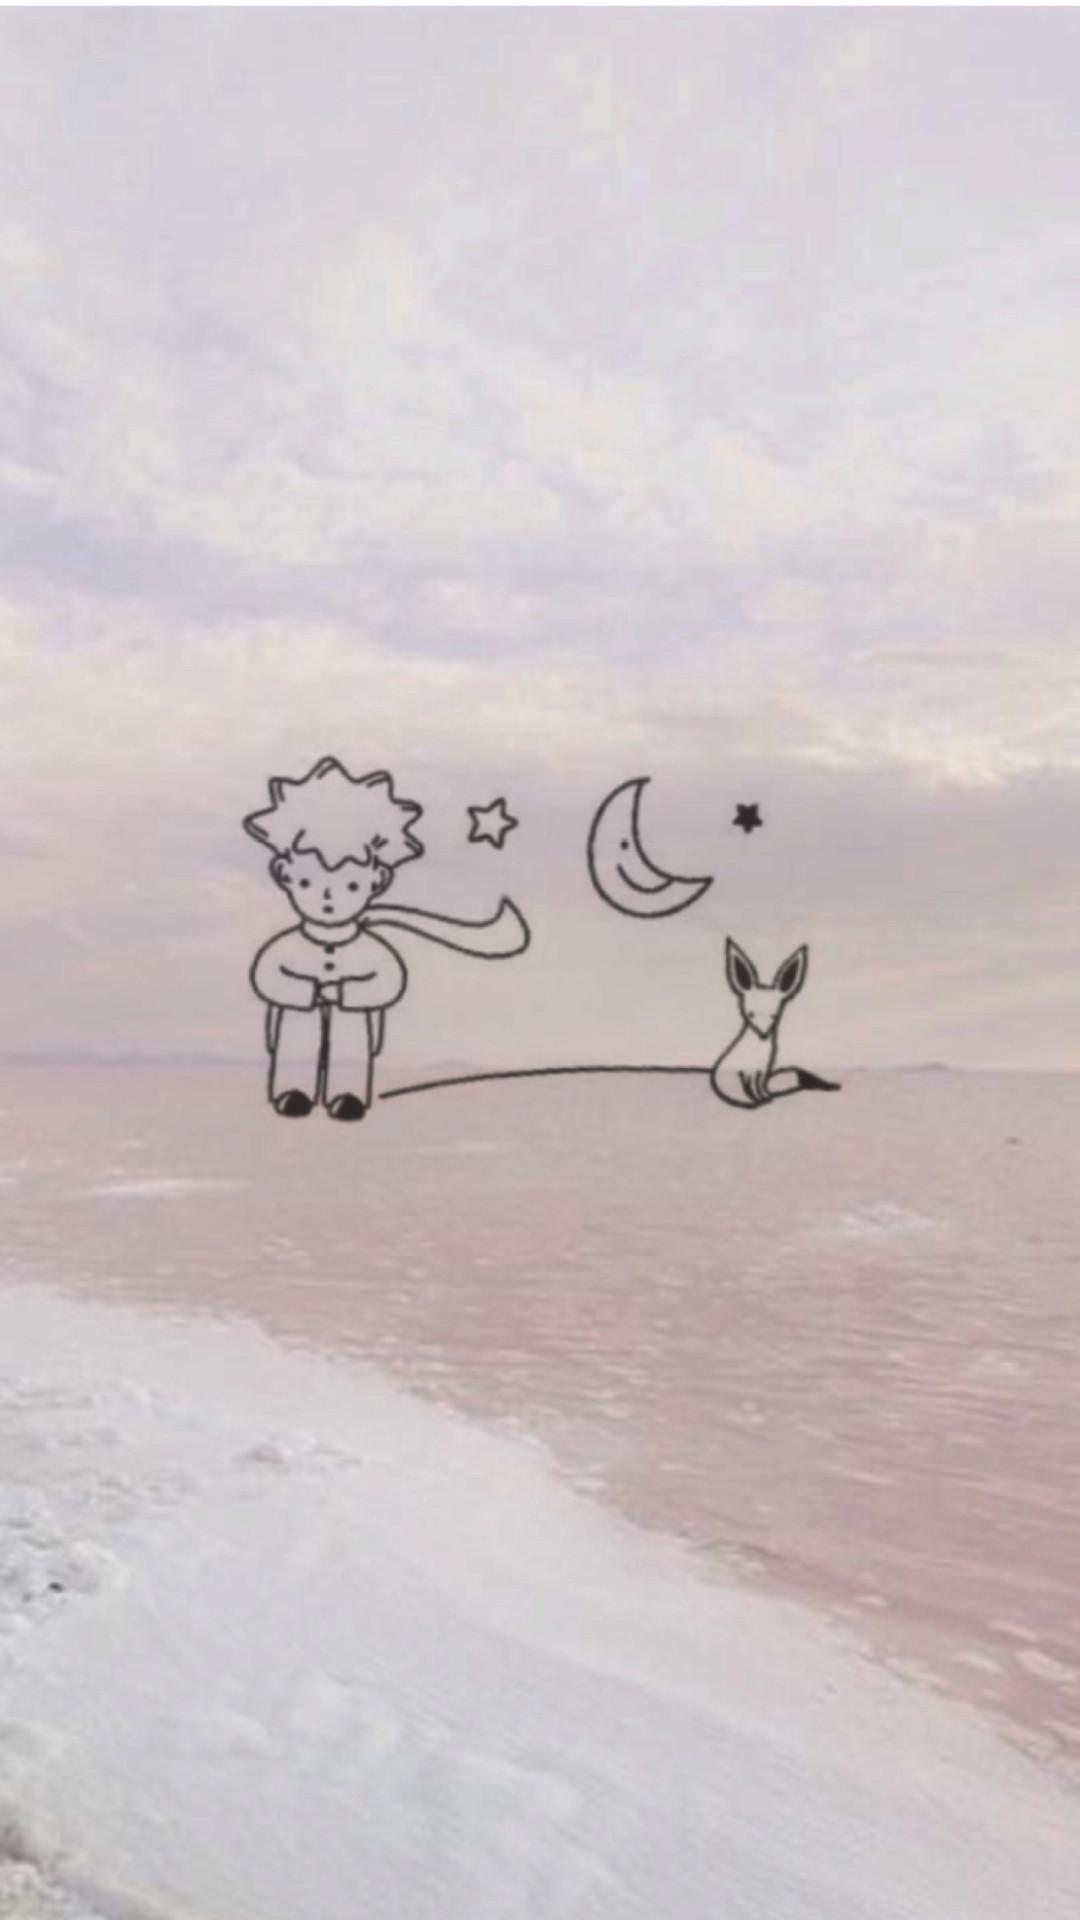 le petit prince | Tumblr